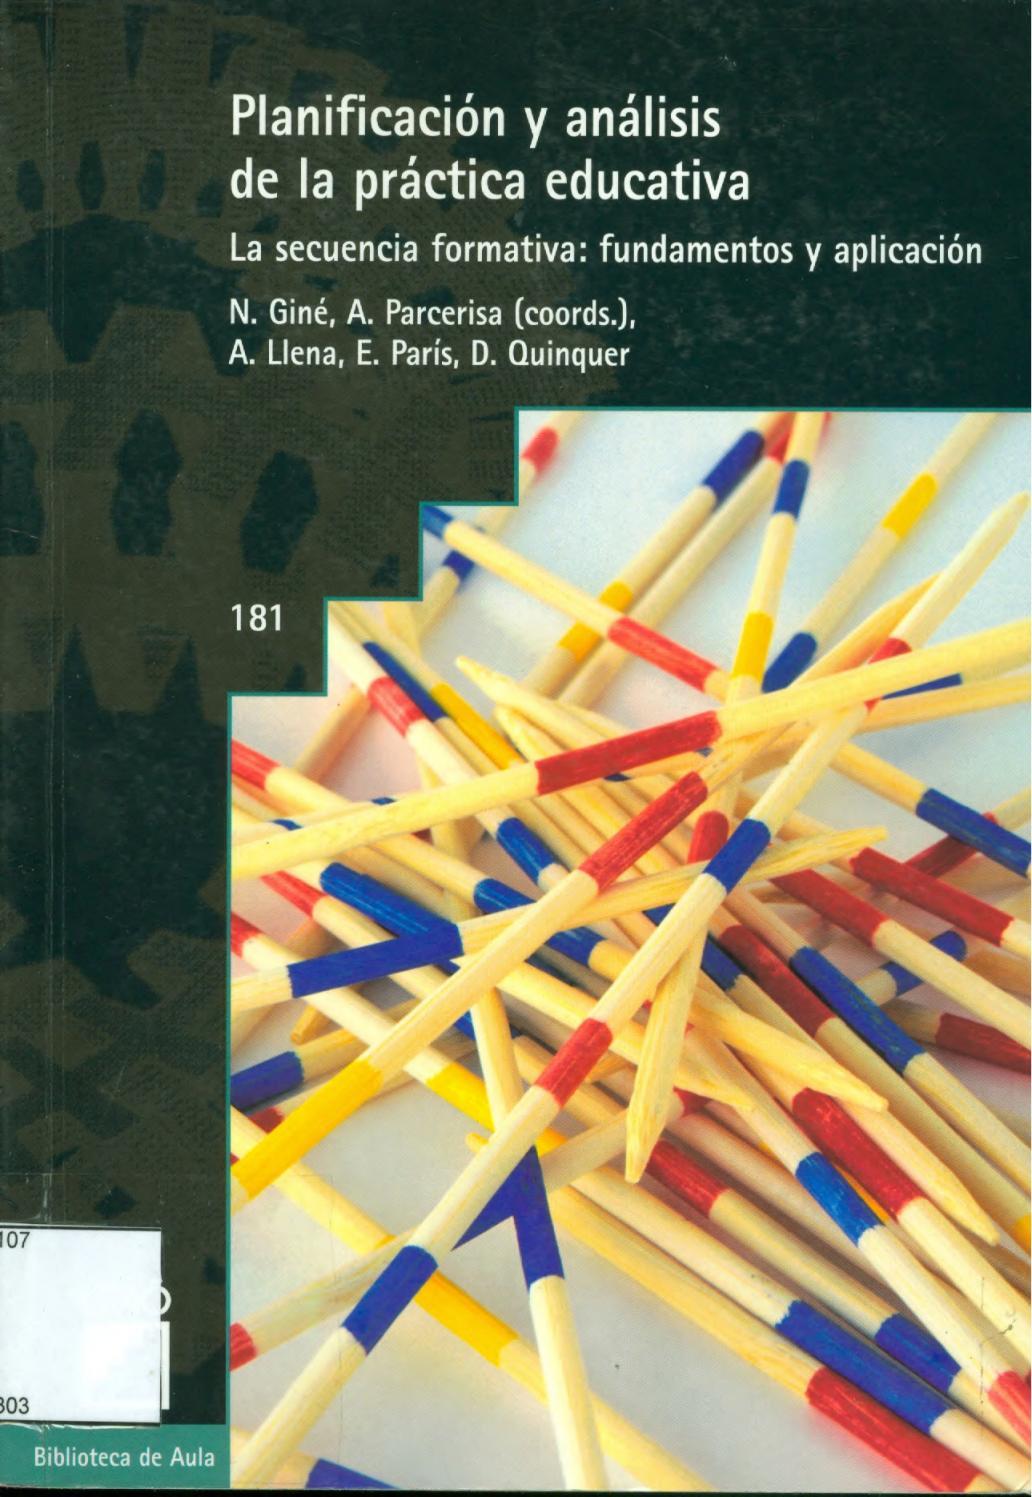 Planificacion y analisis de la practica educativa gine pdf by María ...